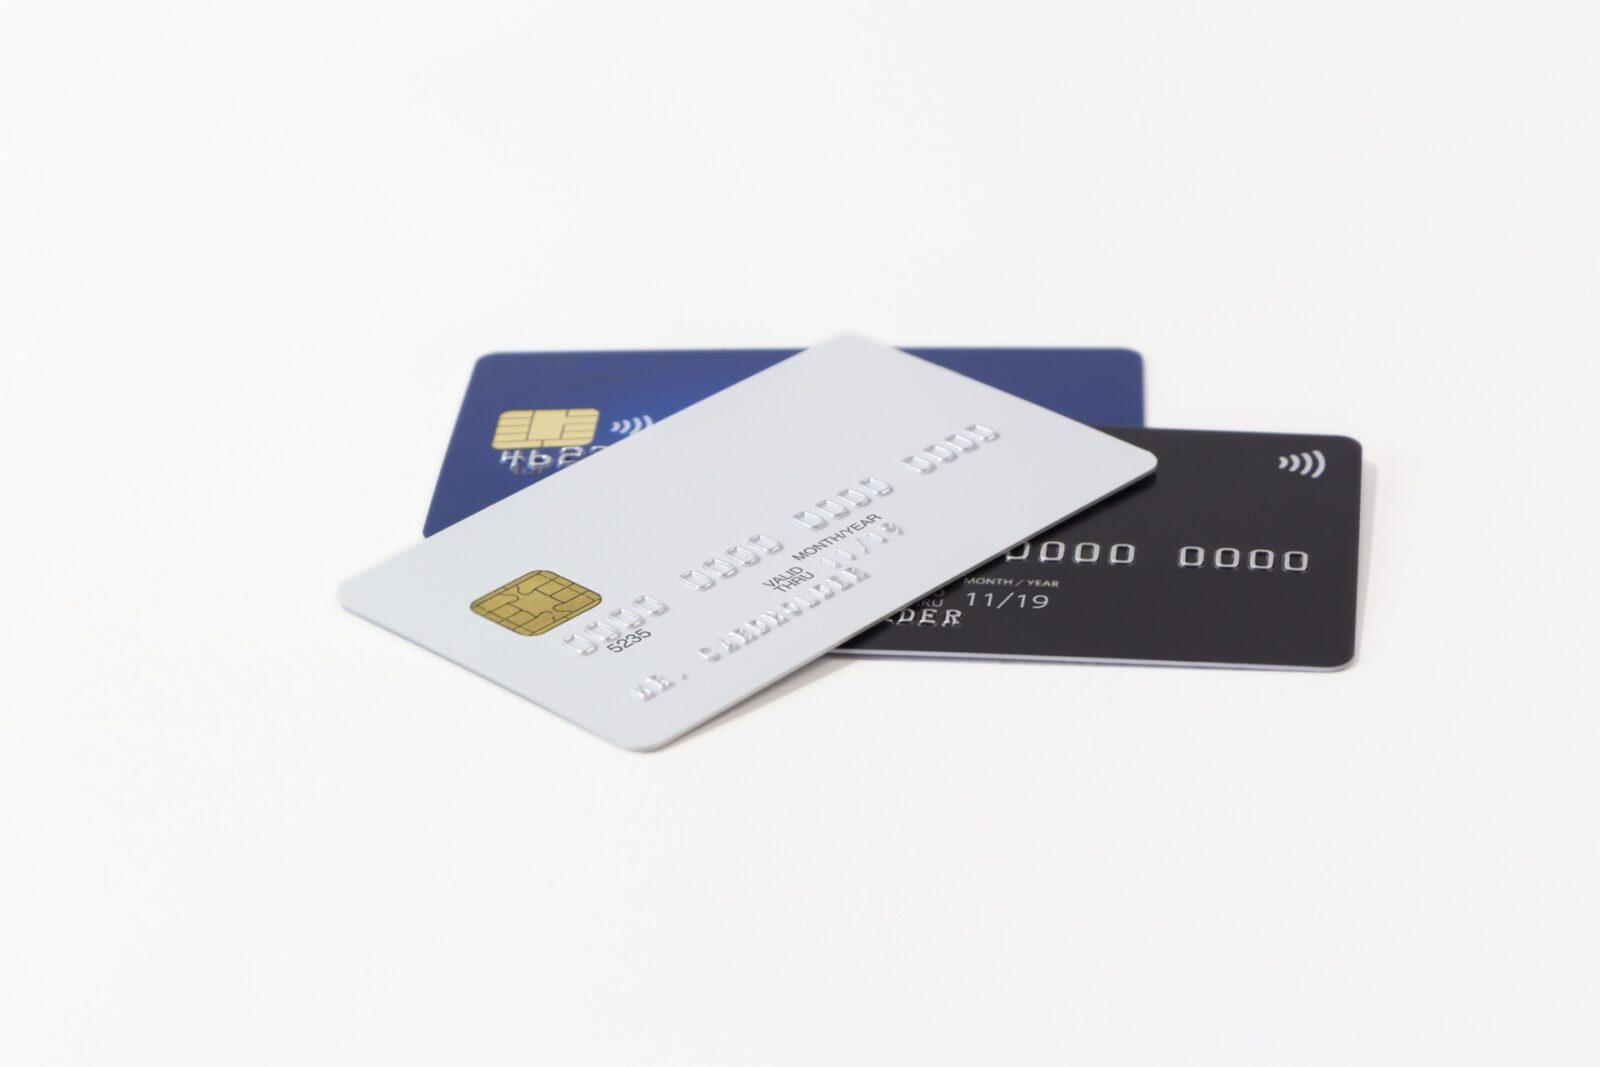 Carte aziendali in Europa - Situazione attuale e previsioni future commercial cards